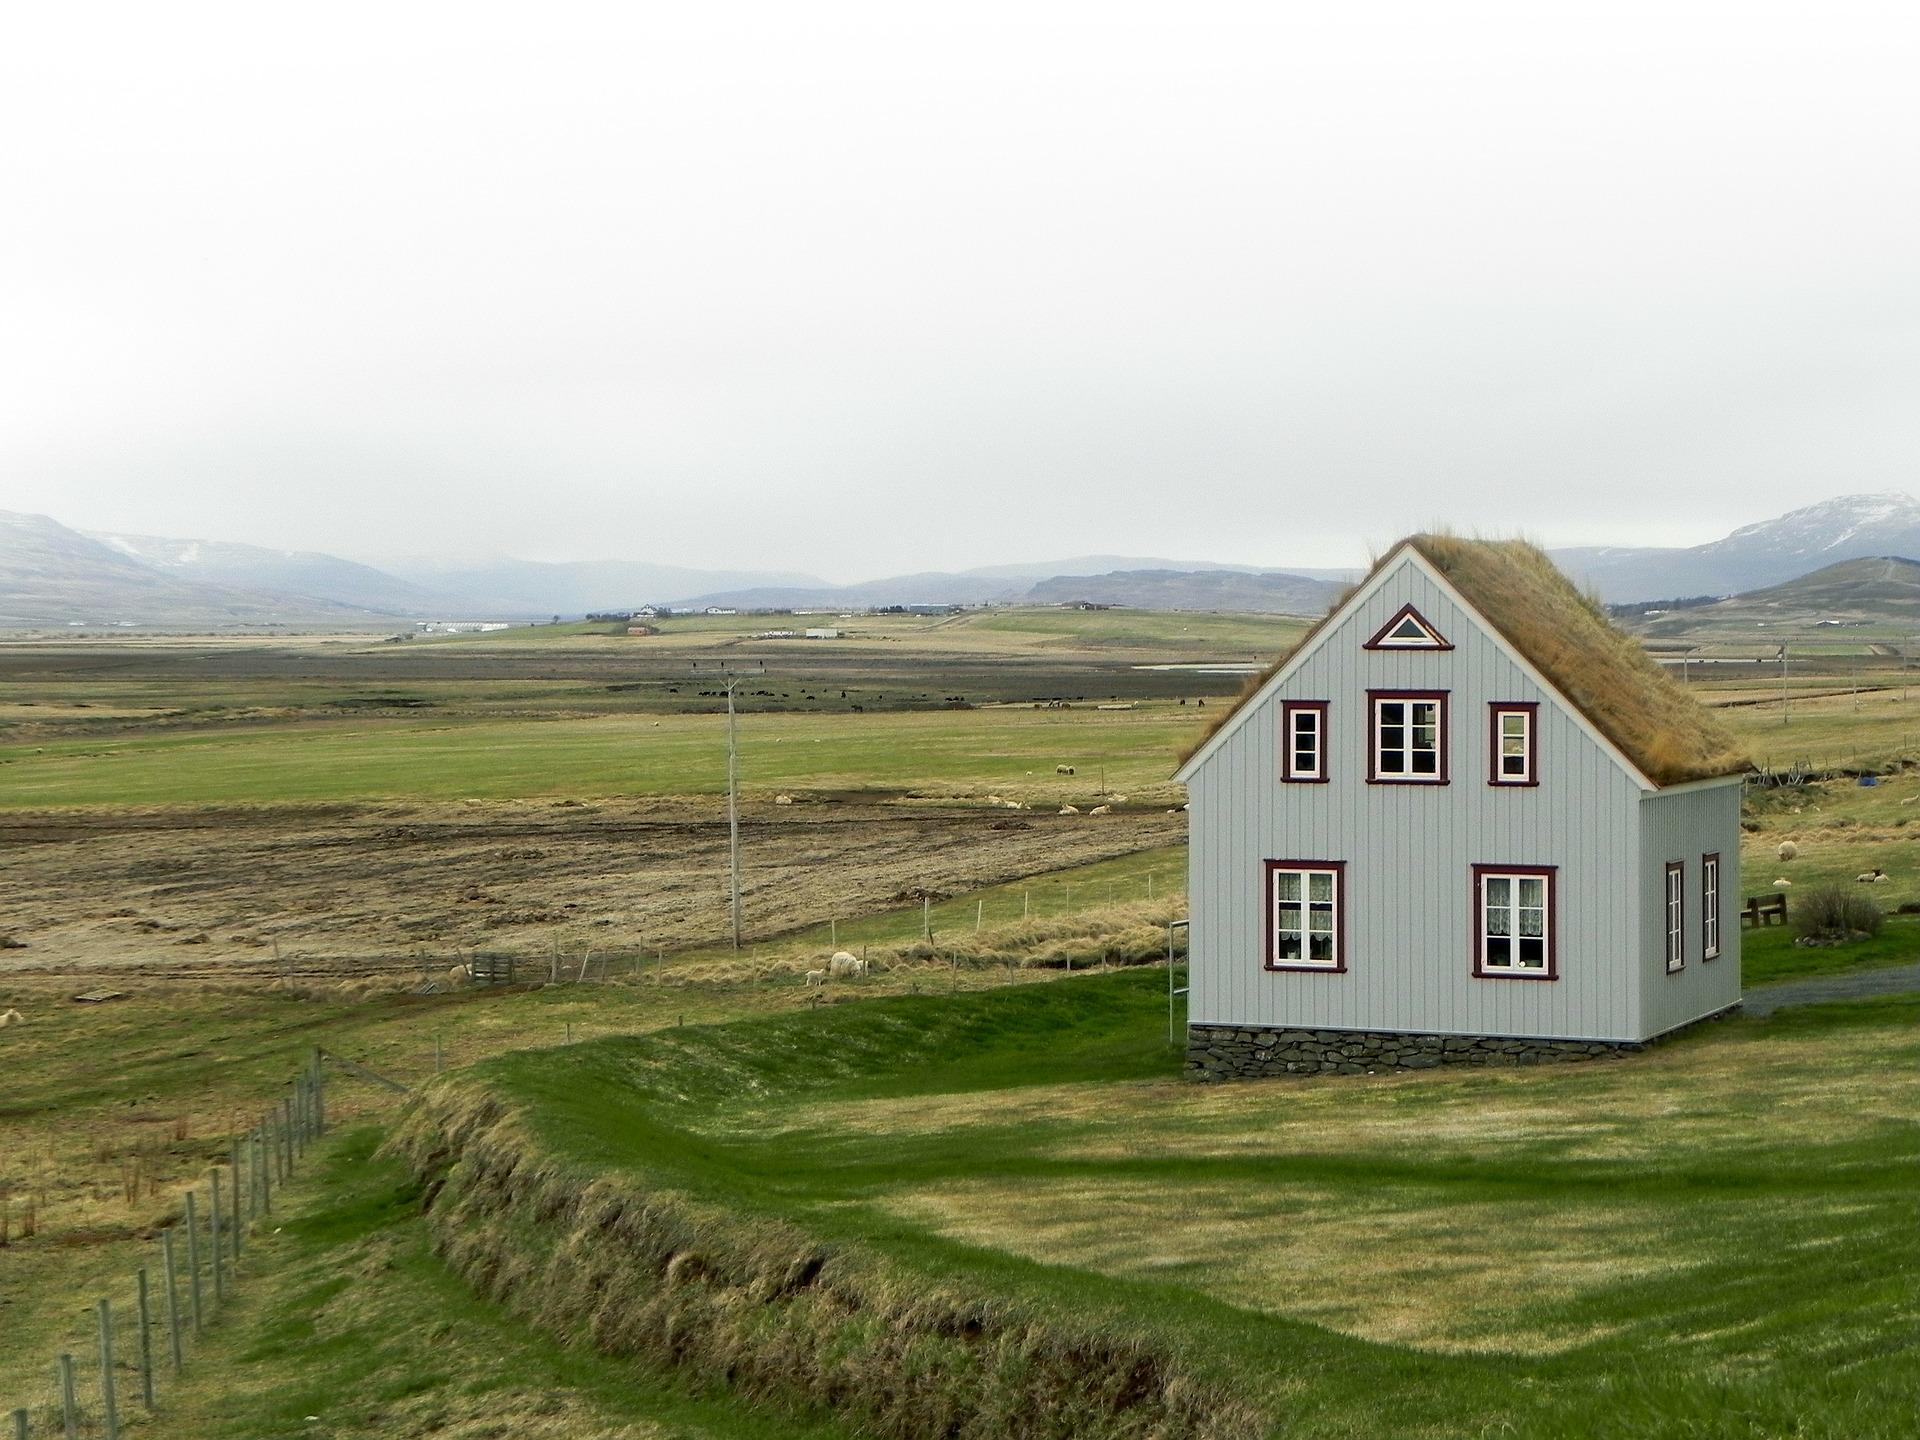 Alleinstehendes Haus im Grünen